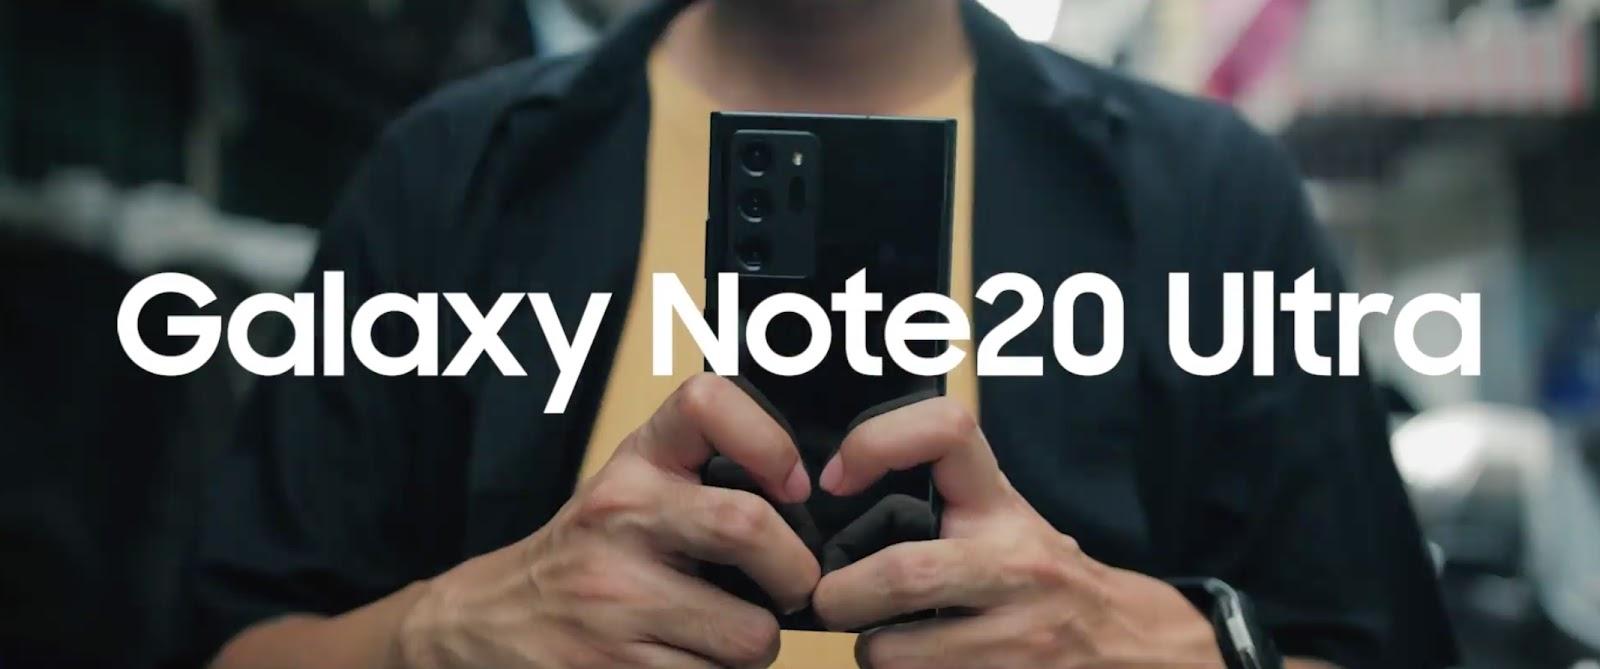 เคล็ดลับสร้างสรรค์ Content ระดับมืออาชีพบน Galaxy Note20 Series